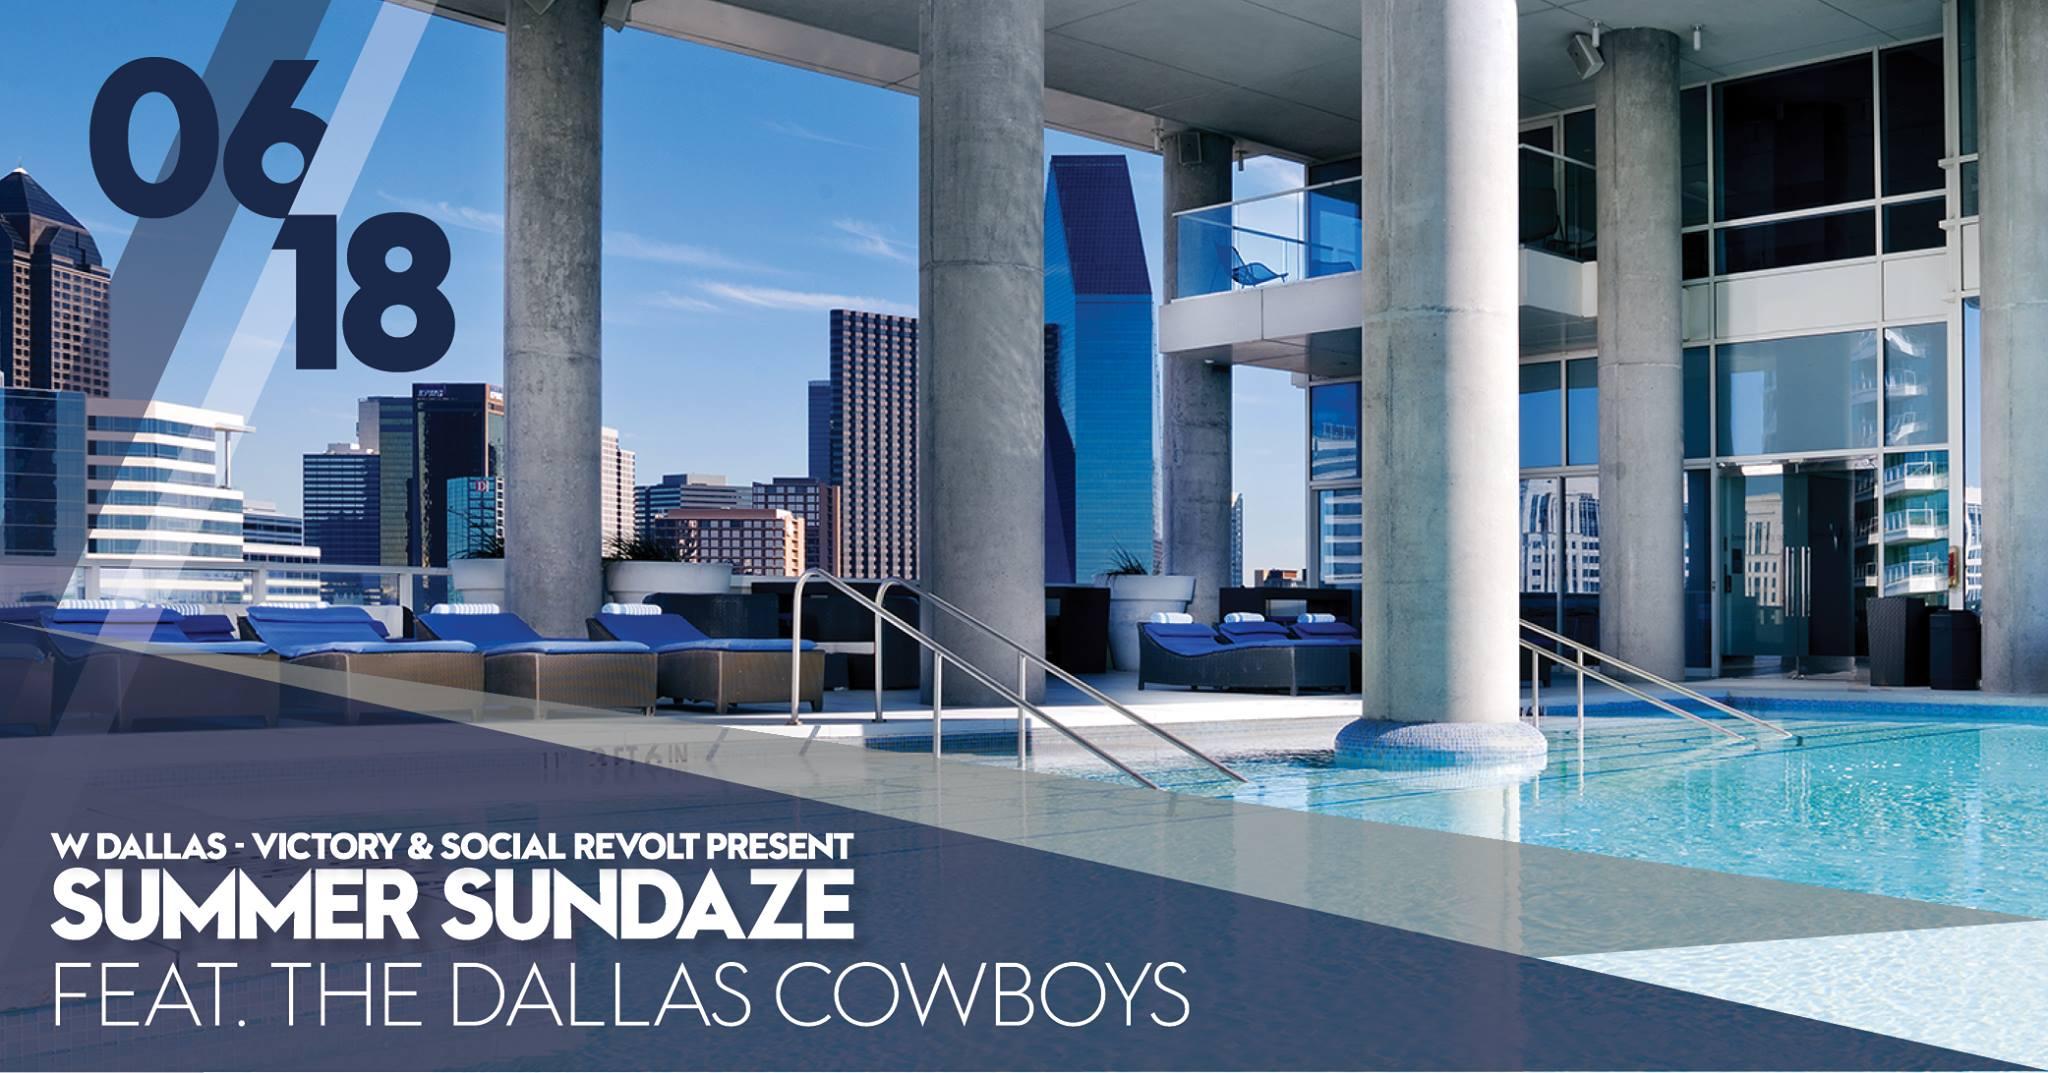 Summer sundaze cowboys meet greet the culture supplier summer sundaze cowboys meet greet m4hsunfo